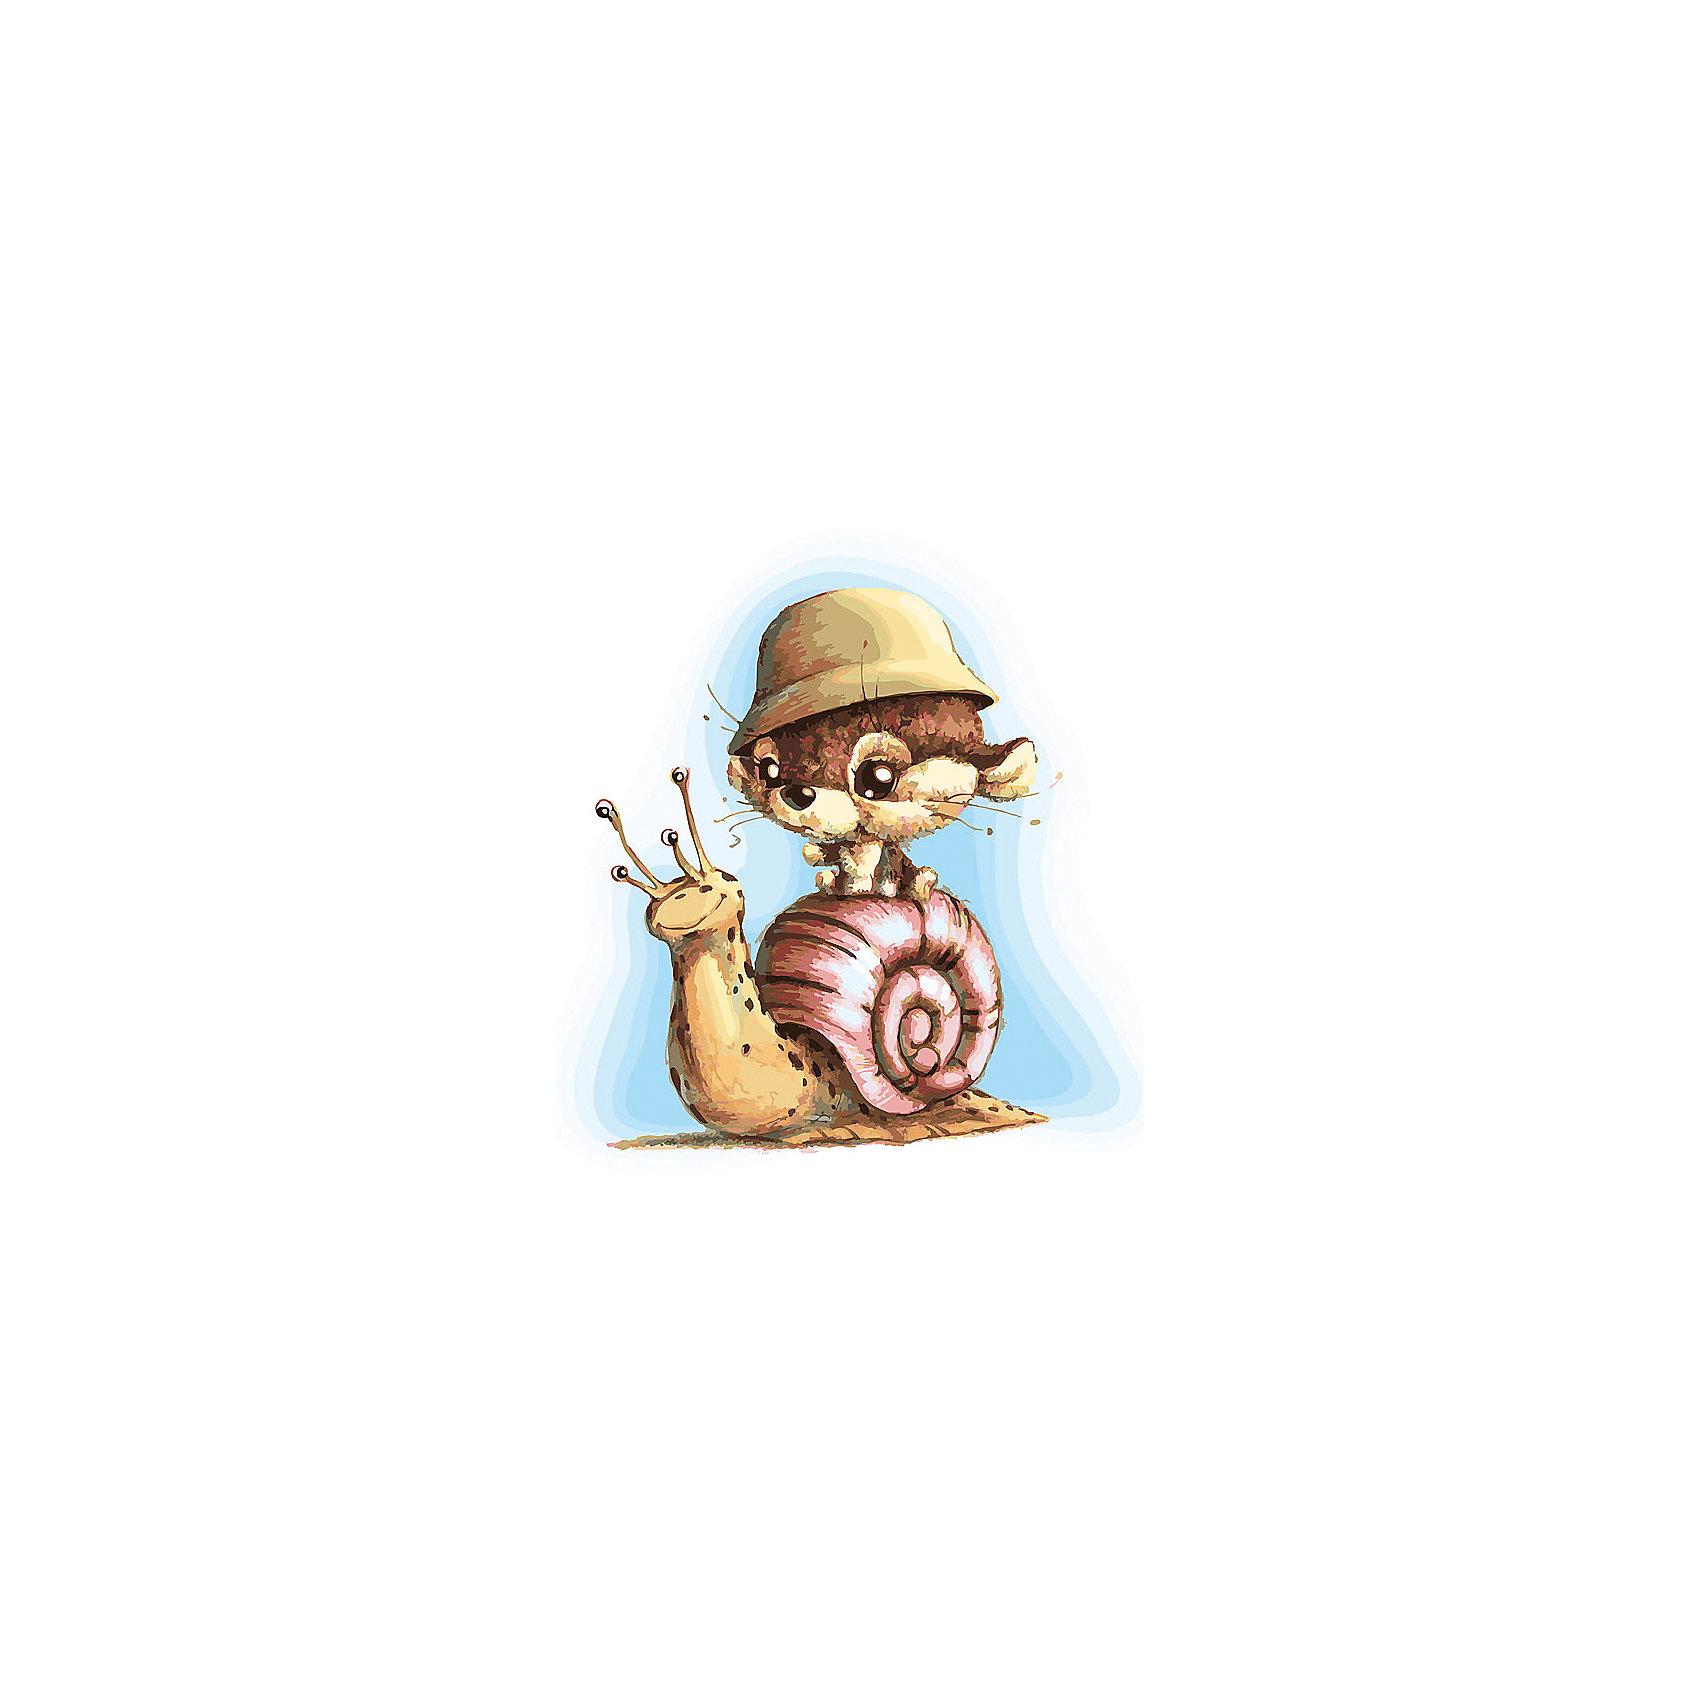 Живопись на холсте Улитка 30*40 смРаскраски по номерам<br>Характеристики:<br><br>• Предназначение: для занятий художественным творчеством<br>• Тематика: животные<br>• Пол: универсальный<br>• Материал: дерево, бумага, краски<br>• Цвет: голубой, коричневый, розовый, желтый и др.<br>• Комплектация: холст на подрамнике, набор акриловых красок, 3 кисти, пробный лист с нанесенным рисунком, крепление для готовой картины, инструкция<br>• Размеры (Ш*Д): 30*40 см<br>• Вес: 480 г <br>• Упаковка: картонная коробка<br><br>Живопись на холсте 30*40 см Улитка – это набор от торговой марки Белоснежка, специализирующейся на товарах для творчества и рукоделия. Комплект для живописи состоит из черно-белого холста на подрамнике из дерева, набора необходимых акриловых красок, трех кистей разного размера и пробного листа. На холст и пробный лист нанесен рисунок с указанием номера соответствующей цвету краски. Акриловые краски хорошо ложатся на холст, не растекаются и не смешиваются, что делает их идеальными для начинающих художников. Все материалы, используемые в наборе, экологичные и натуральные. Готовые наборы научат вашего ребенка сочетать цвета и оттенки, действовать по заданному образцу, будут способствовать развитию внимательности, усидчивости и зрительному восприятию. <br>Занятия художественным творчеством являются не только средством творческого и эстетического развития, но также воспитания и коррекции эмоциональных комплексов у детей. <br><br>С наборами живописи на холсте от Белоснежки можно создать свою галерею картин или подготовить подарок родным и близким к празднованию торжества.<br><br>Живопись на холсте 30*40 см Улитка можно купить в нашем интернет-магазине.<br><br>Ширина мм: 410<br>Глубина мм: 310<br>Высота мм: 25<br>Вес г: 567<br>Возраст от месяцев: 72<br>Возраст до месяцев: 144<br>Пол: Унисекс<br>Возраст: Детский<br>SKU: 5089709